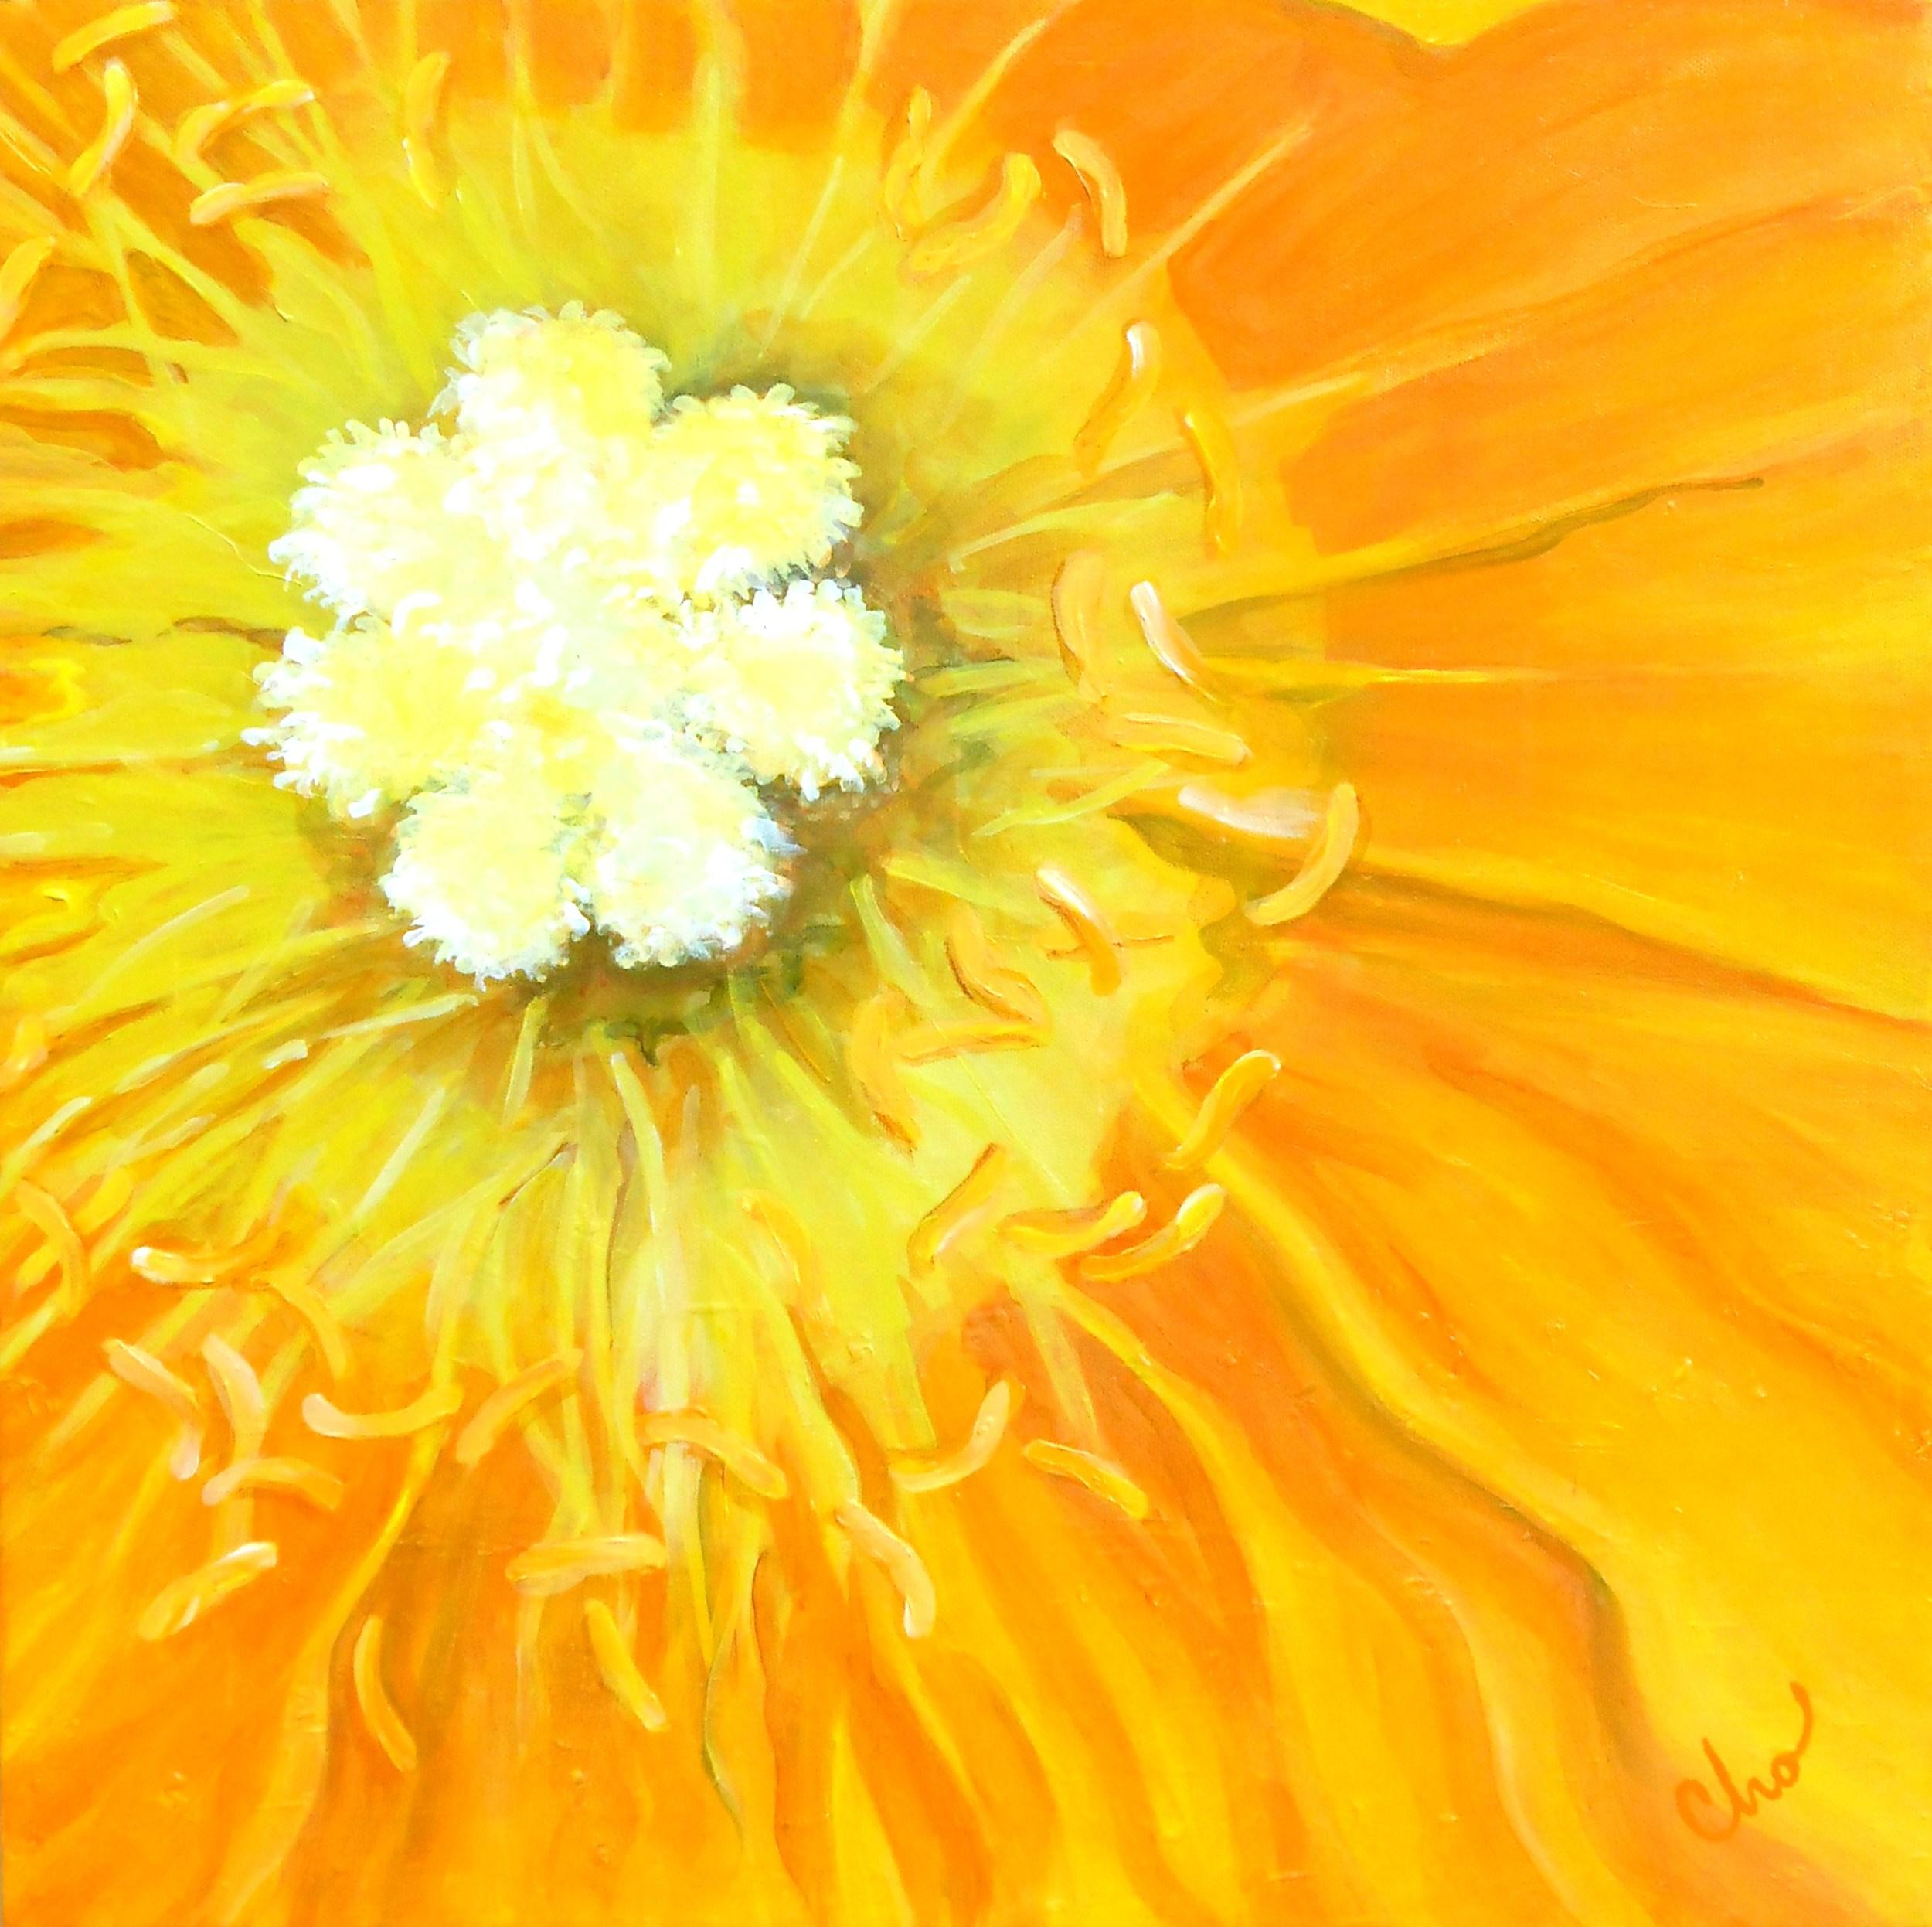 Yellow Poppy--20x20 June 2012